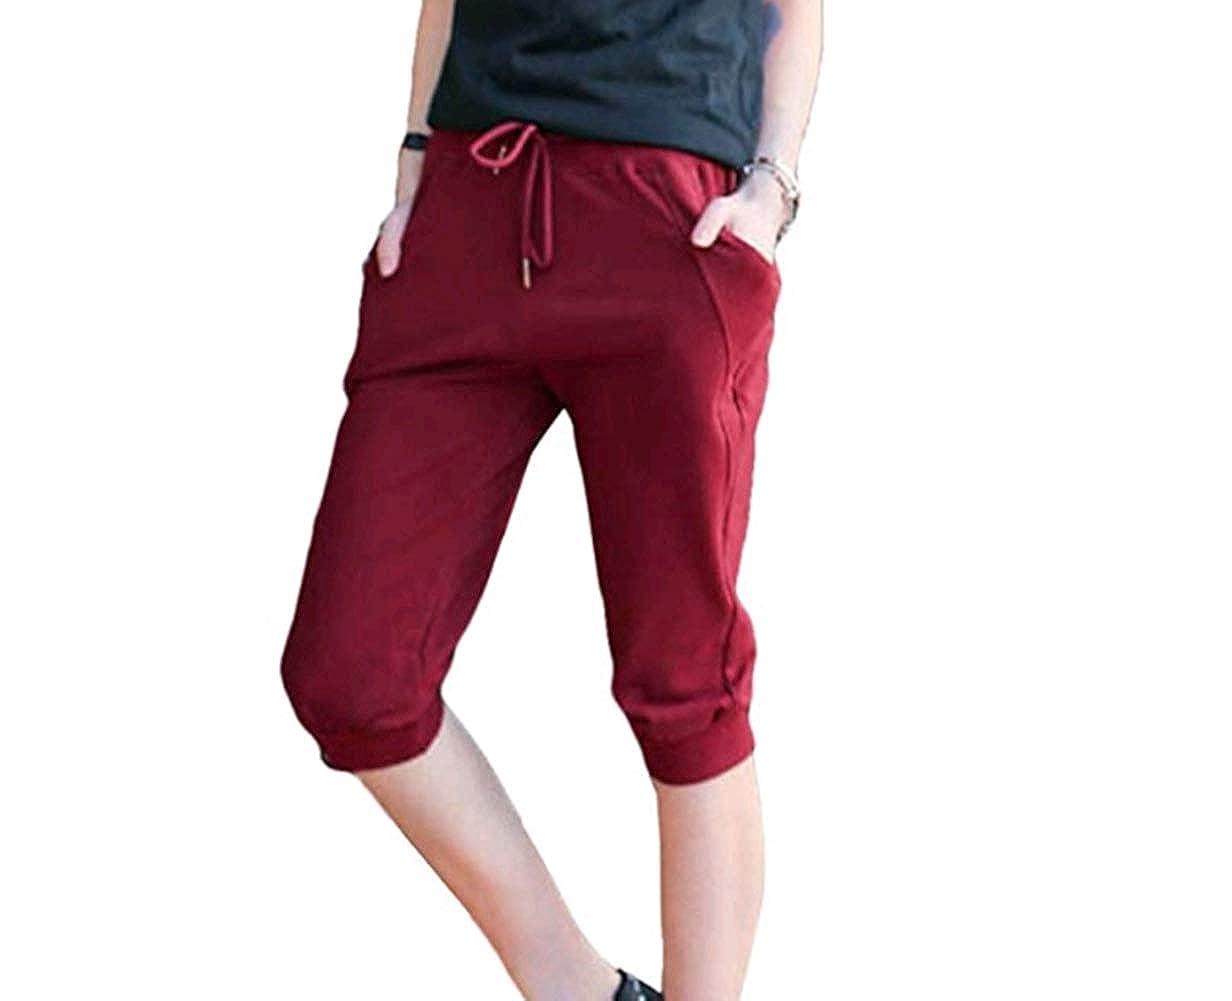 YINJIONG Womens Casual Drawstring Cuffed Cropped Pants Capri Joggers